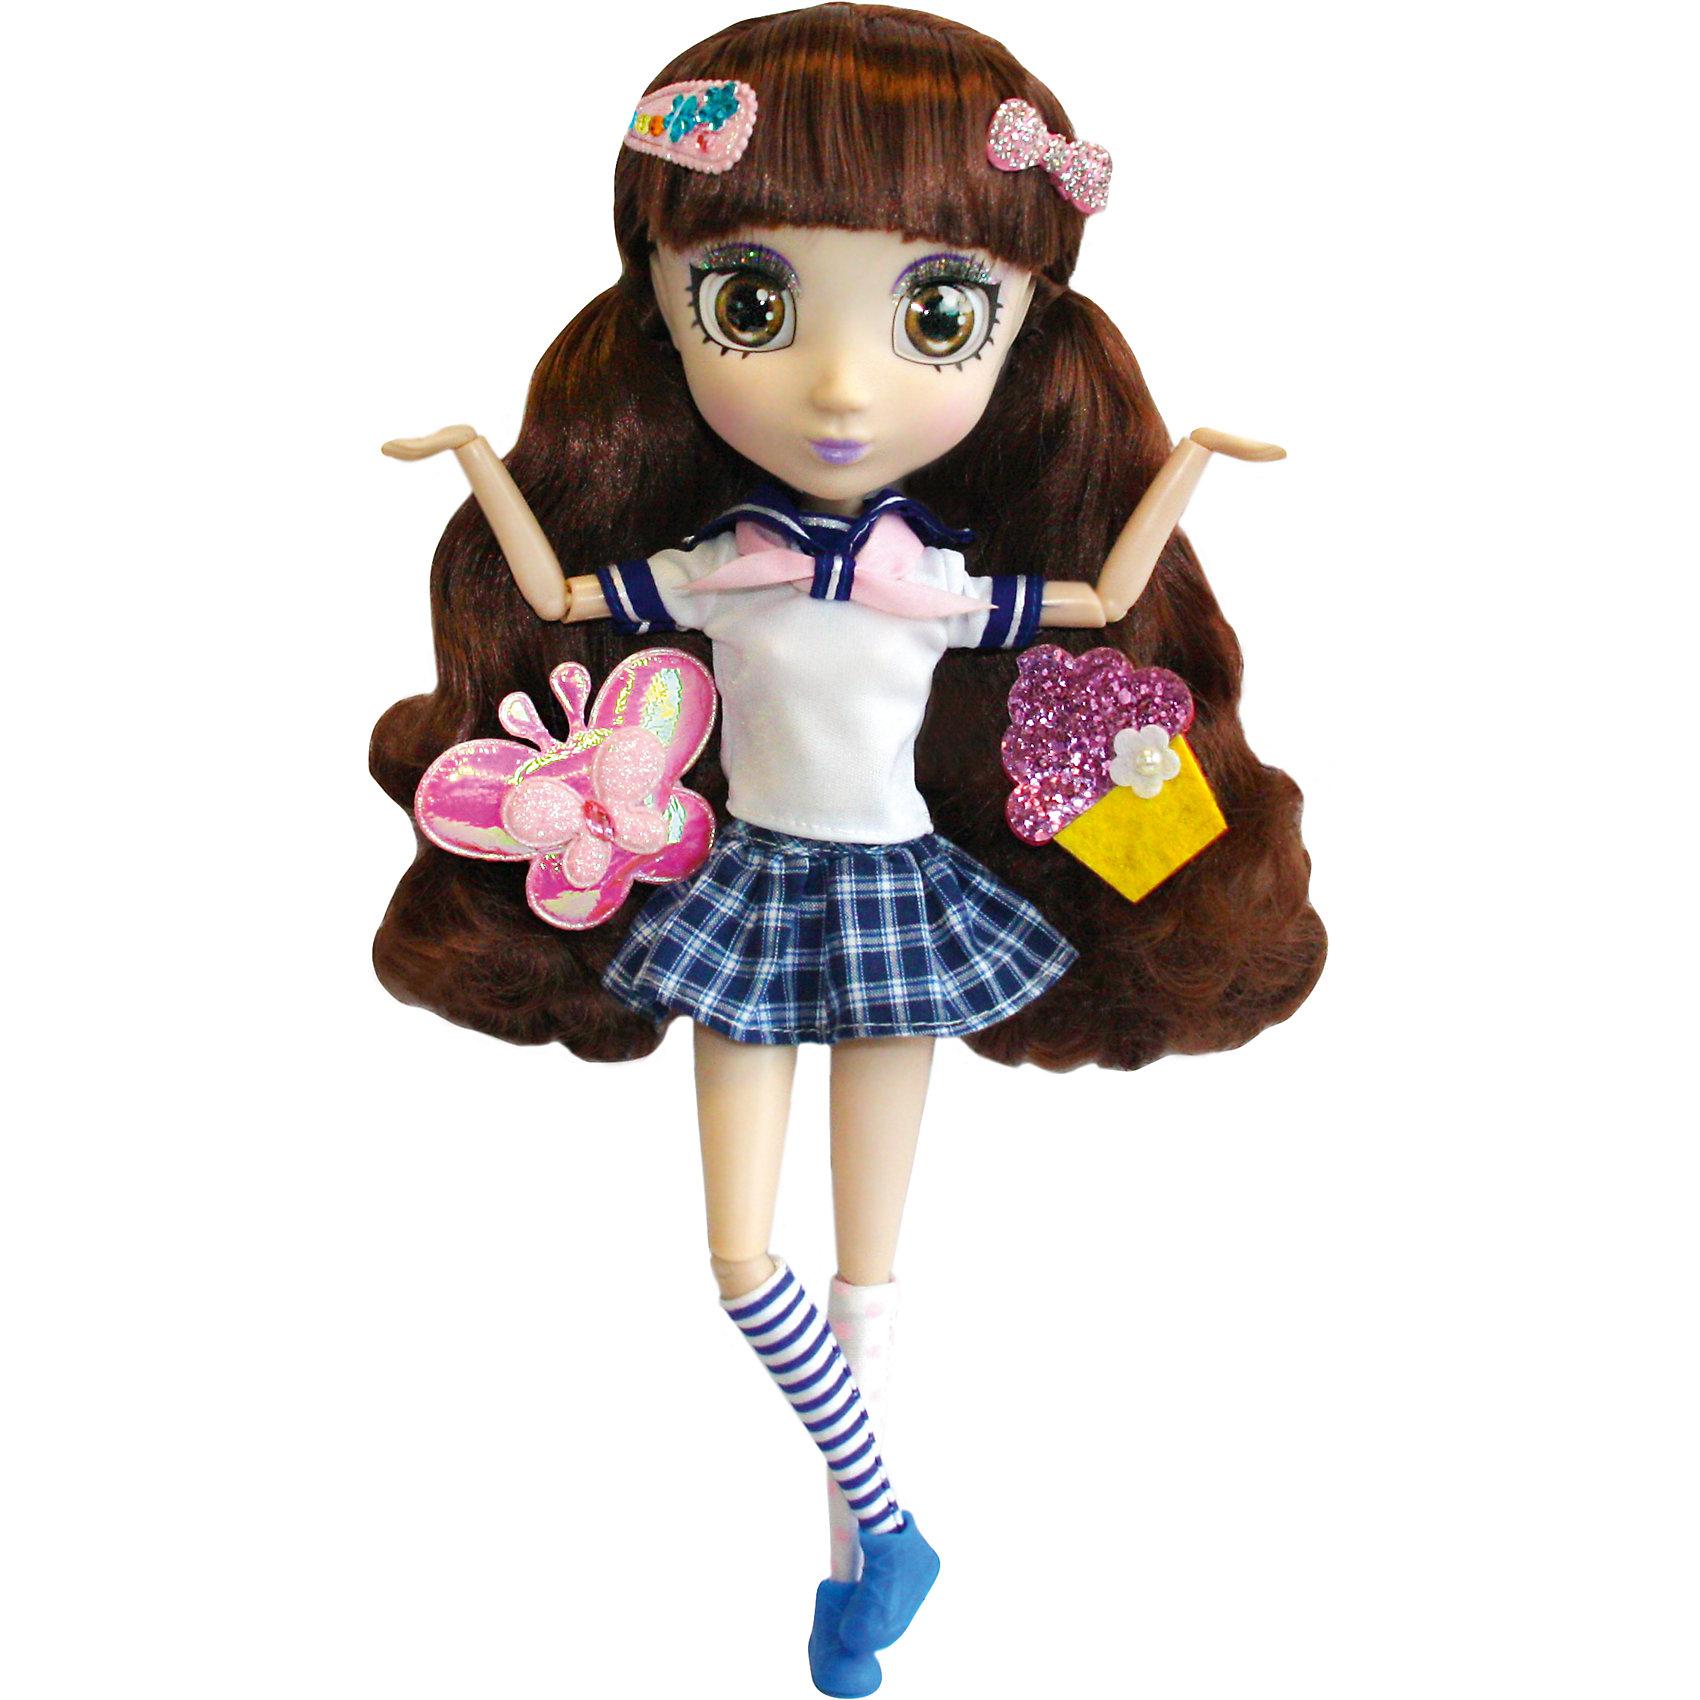 Кукла Намика, 33см, Шибадзуку ГерлзБренды кукол<br>Кукла Намика, 33см, Шибадзуку Герлз<br><br>Характеристики:<br><br>• модная кукла с реалистичными глазами<br>• длинные ресницы<br>• длинные густые волосы<br>• в комплекте: кукла, заколки, аксессуары<br>• высота куклы: 33 см<br>• материал: пластик, текстиль<br>• размер упаковки: 20,6х38,1х10,2 см<br>• вес: 600 грамм<br><br>Шибадзуку Герлз - серия кукол, завораживающих своими роскошными волосами и широкими реалистичными глазами. Например, Намика, очень увлекается астрономией и даже мечтает стать исследователем. Но и это не мешает ей выглядеть очень стильно. Кукла одета в футболочку с бантом и короткую клетчатую юбку. На ногах куклы - синие ботиночки и гольфы в полоску. Густые волосы девочки украшены модными заколочками. Вы сможете создать свою прическу для Намики, используя аксессуары и заколки, входящие в комплект. Эта кукла, без сомнения, займет достойное место в коллекции игрушек девочки!<br><br>Куклу Намика, 33см, Шибадзуку Герлз можно купить в нашем интернет-магазине.<br><br>Ширина мм: 102<br>Глубина мм: 381<br>Высота мм: 206<br>Вес г: 600<br>Возраст от месяцев: 36<br>Возраст до месяцев: 2147483647<br>Пол: Женский<br>Возраст: Детский<br>SKU: 5397312